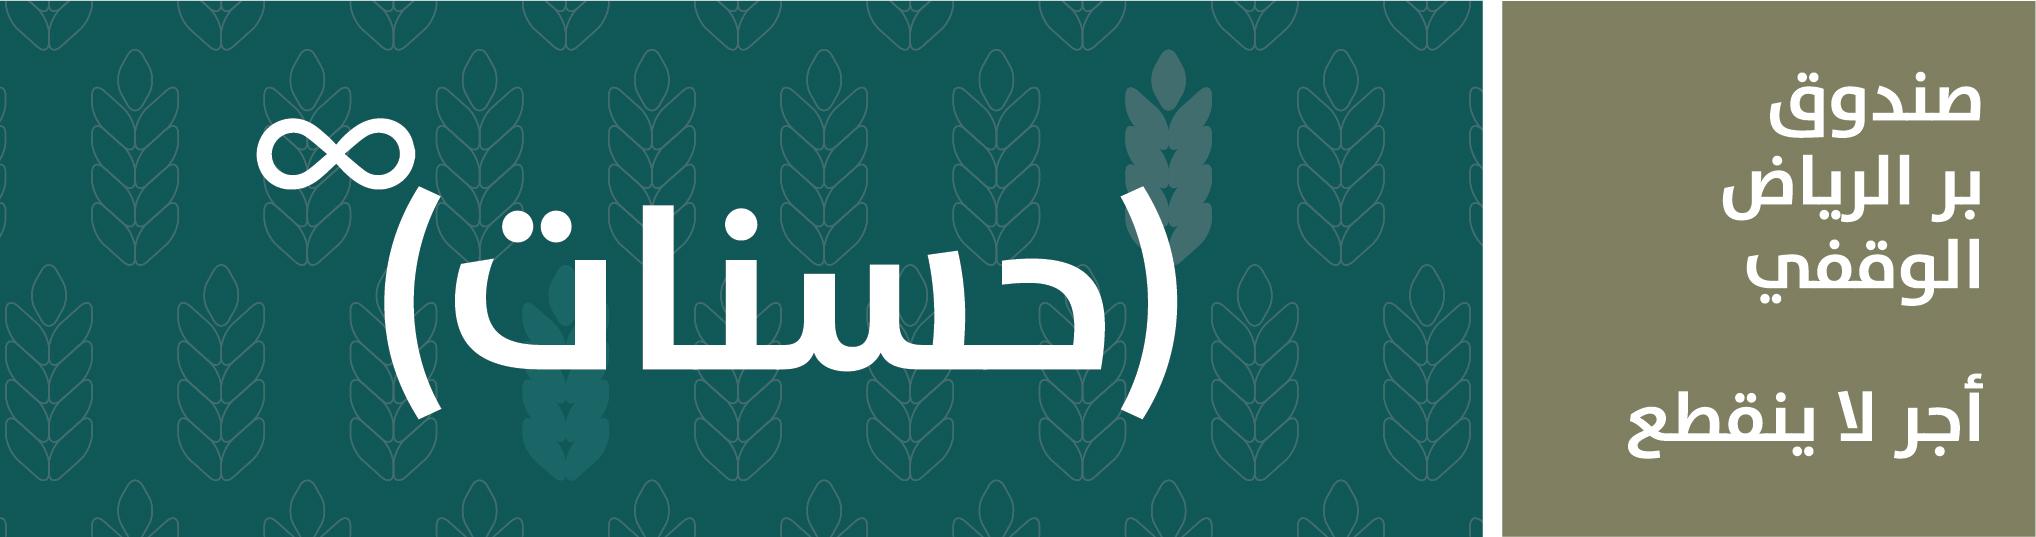 نسج اغتيال مبروك المحفظة الاستثمارية بنك الرياض Cazeres Arthurimmo Com